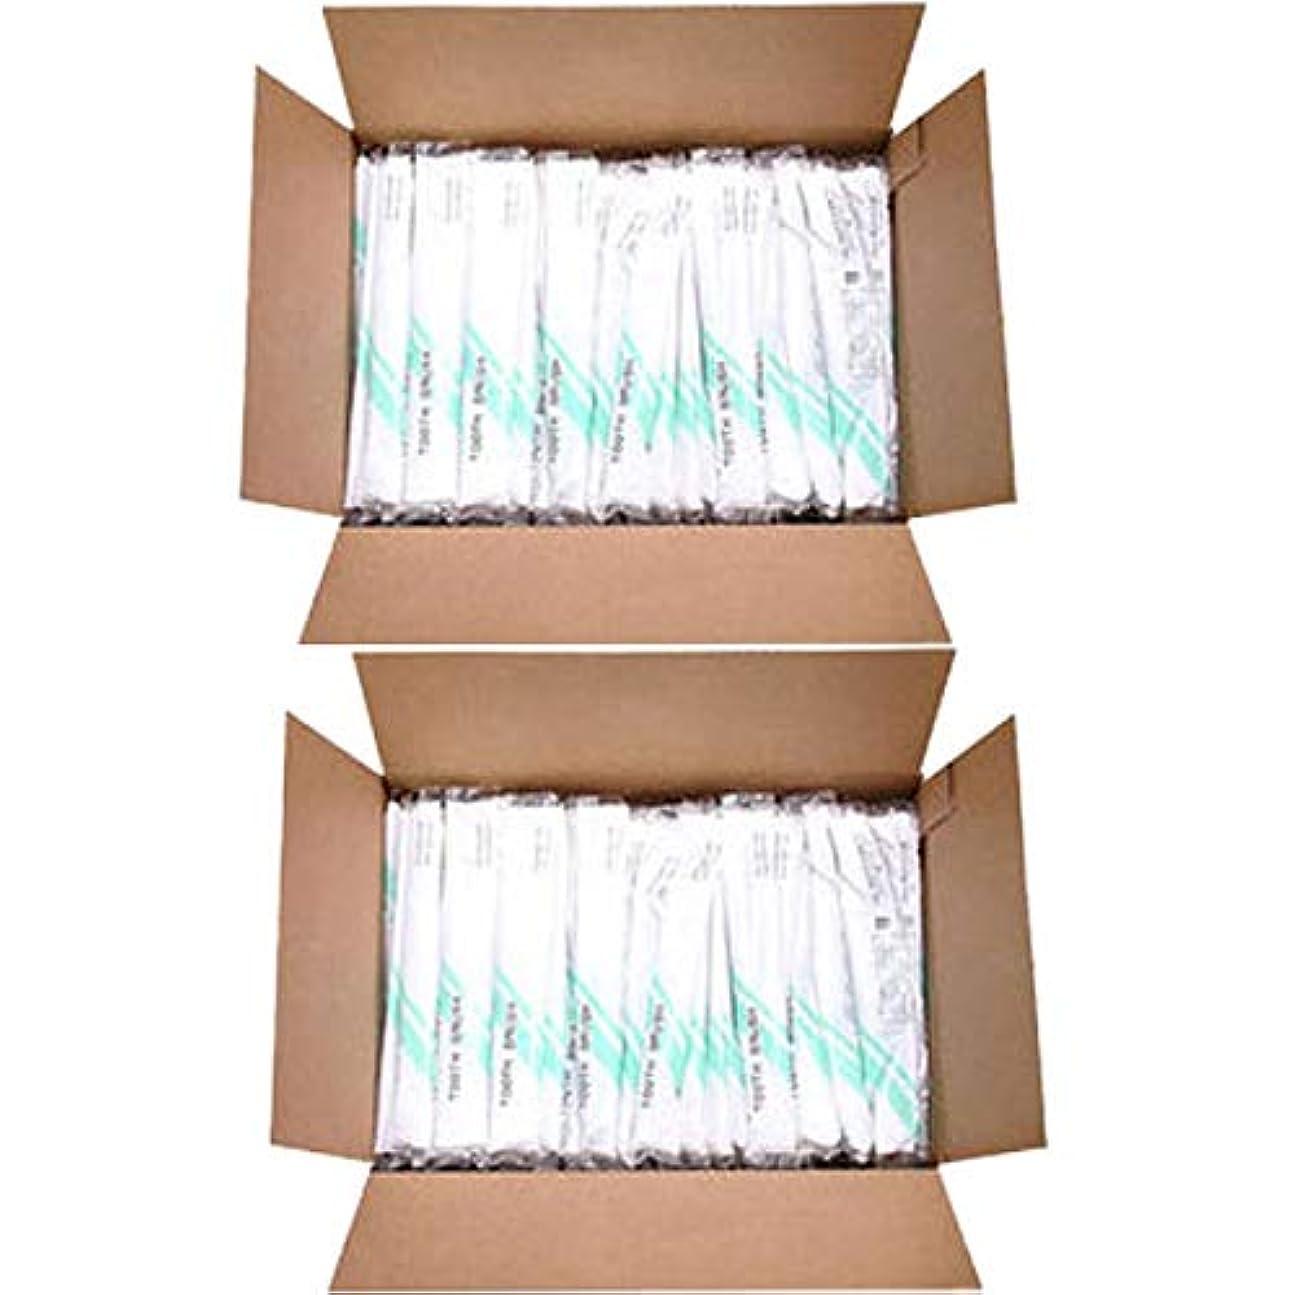 減るテント証拠使い捨て歯ブラシ (歯磨き粉付) 500本入 (2セット-1000本入) [ 使い捨て 歯ブラシ 歯ぶらし オーラルケア アメニティ ホテル 旅館 業務用 ]